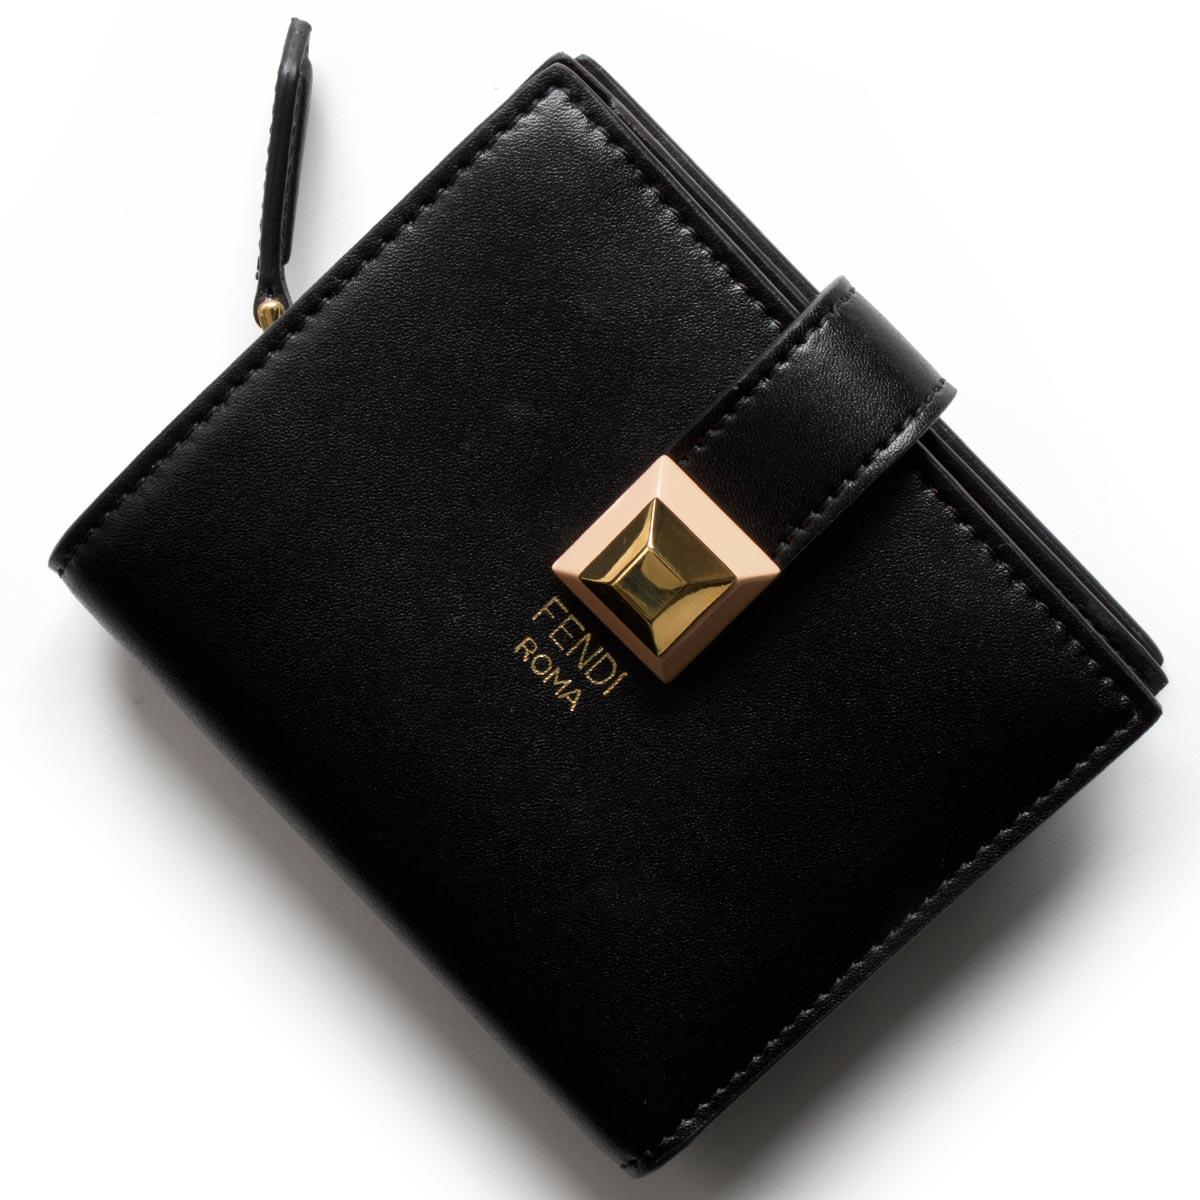 fc873ff960fc フェンディ二つ折り財布/ミニ財布財布レディーススタッズブラック&アプリコットピンク8M0386SR0F13JQFENDI